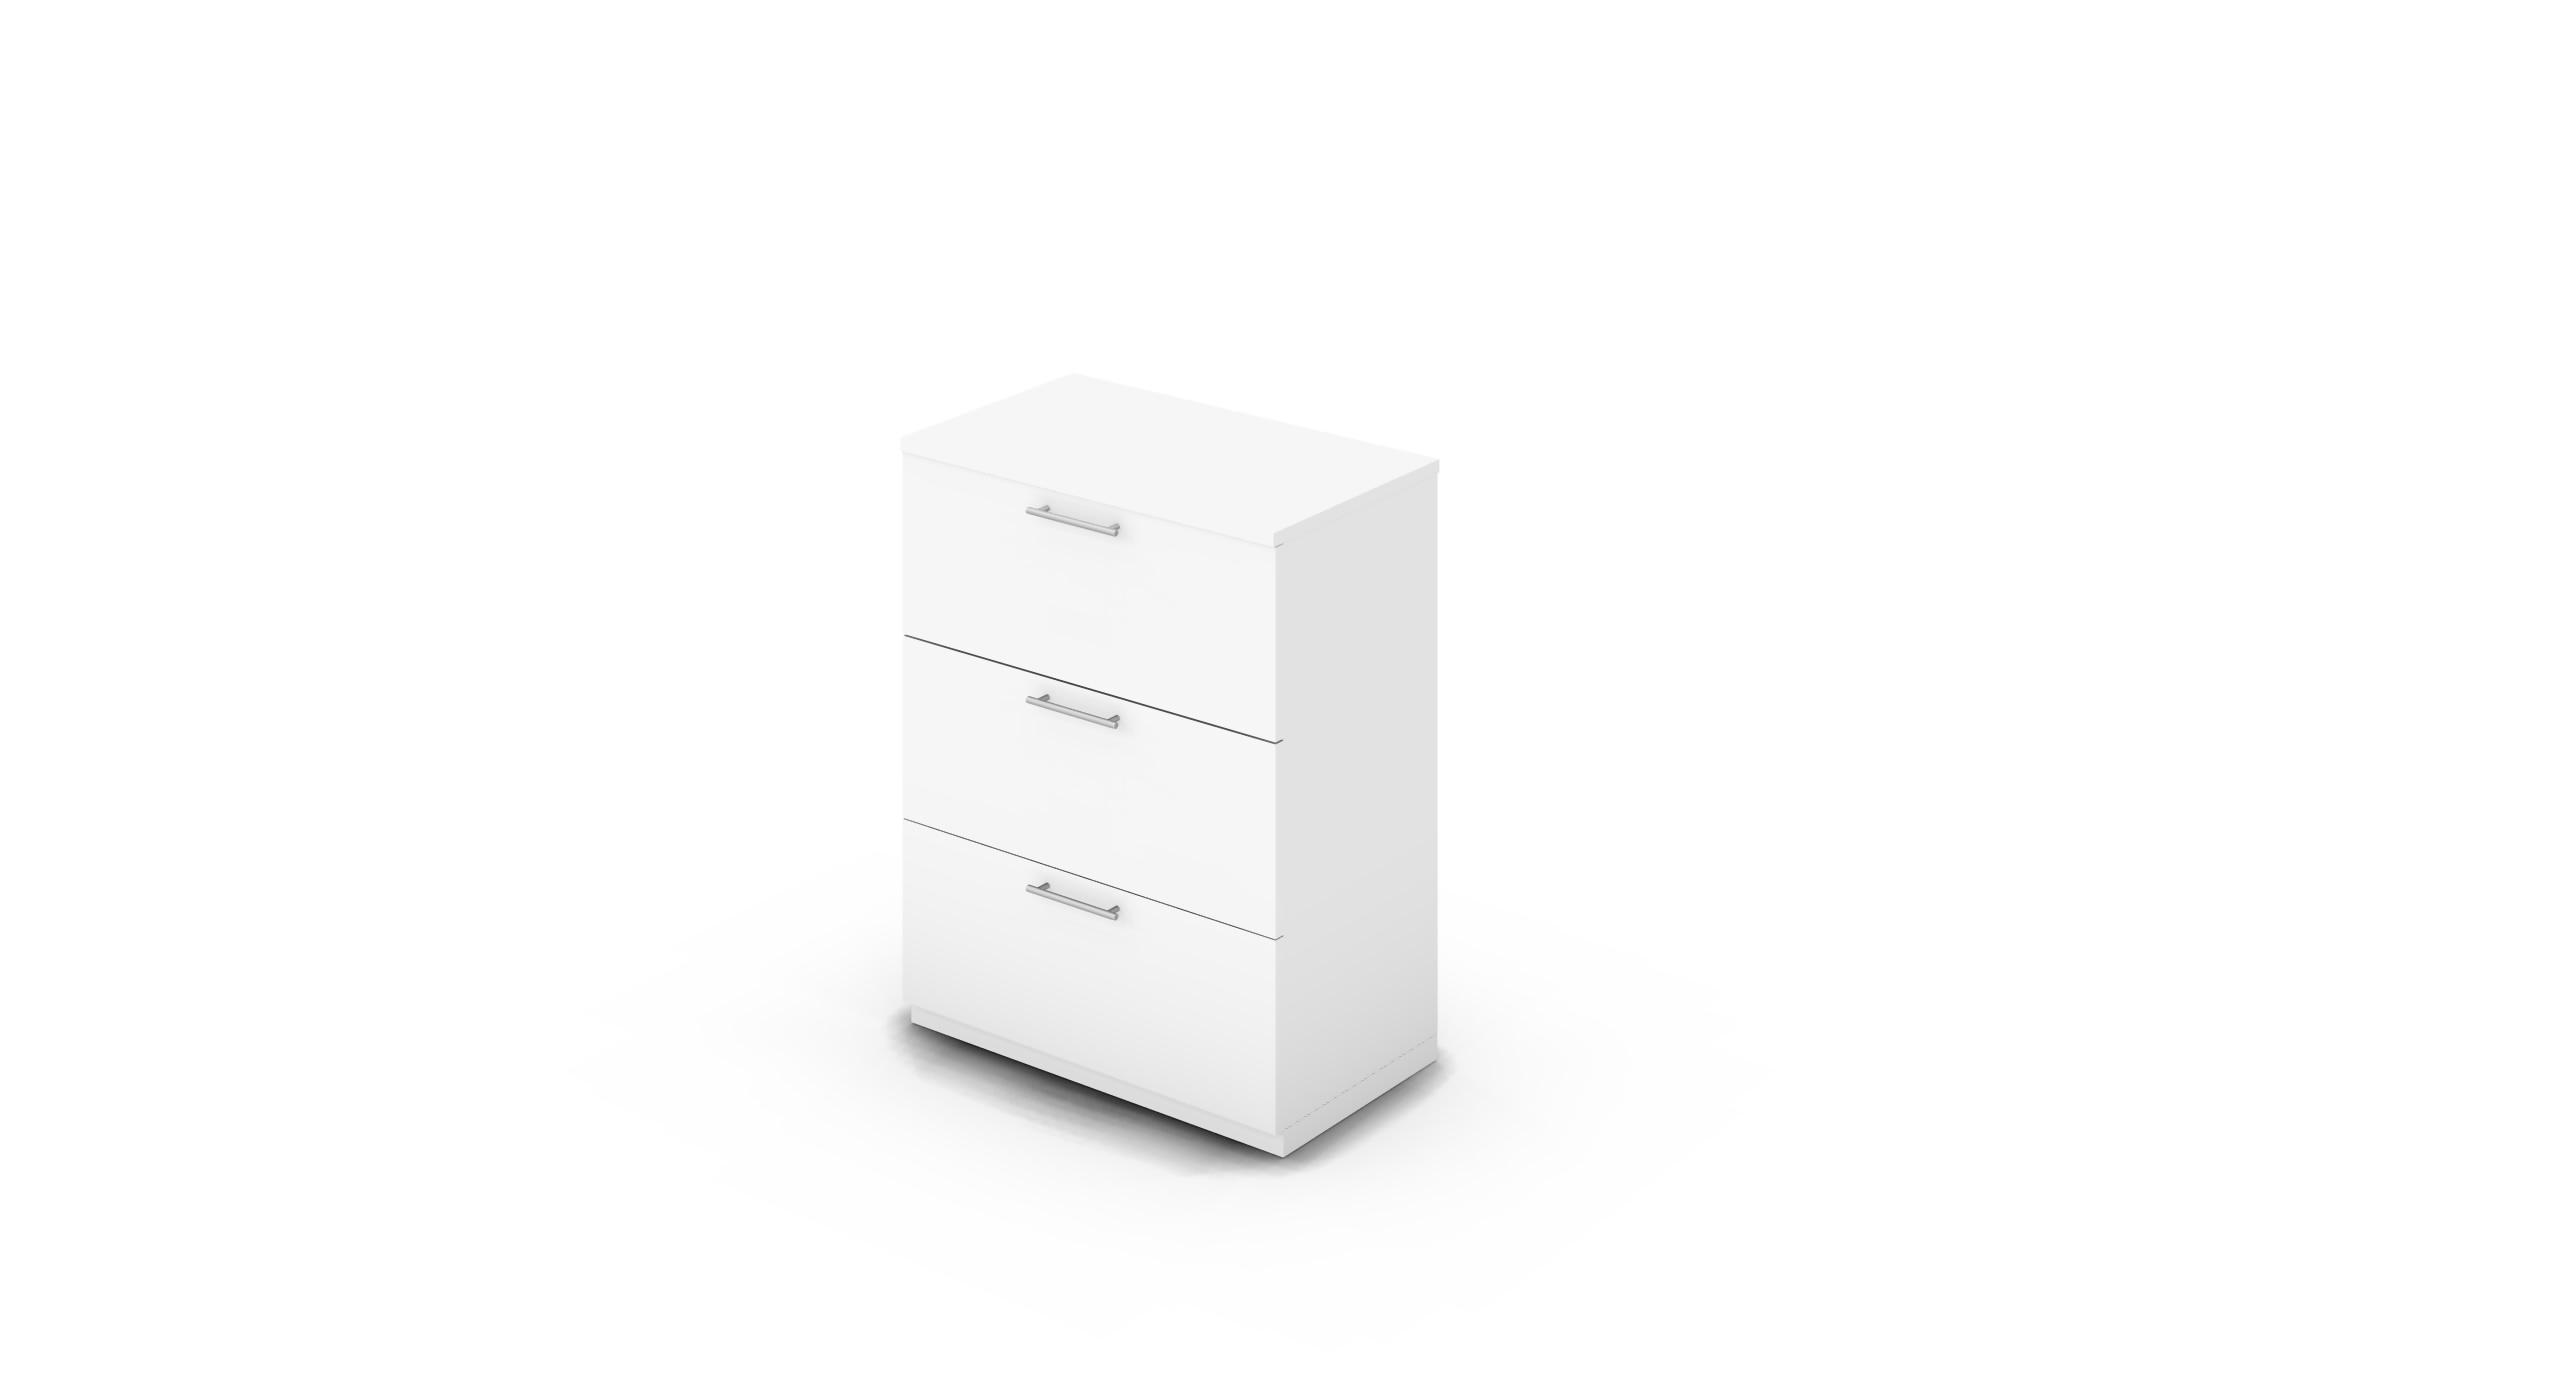 Cabinet_800x450x1125_DR_White_Bar_Round_NoCylinder